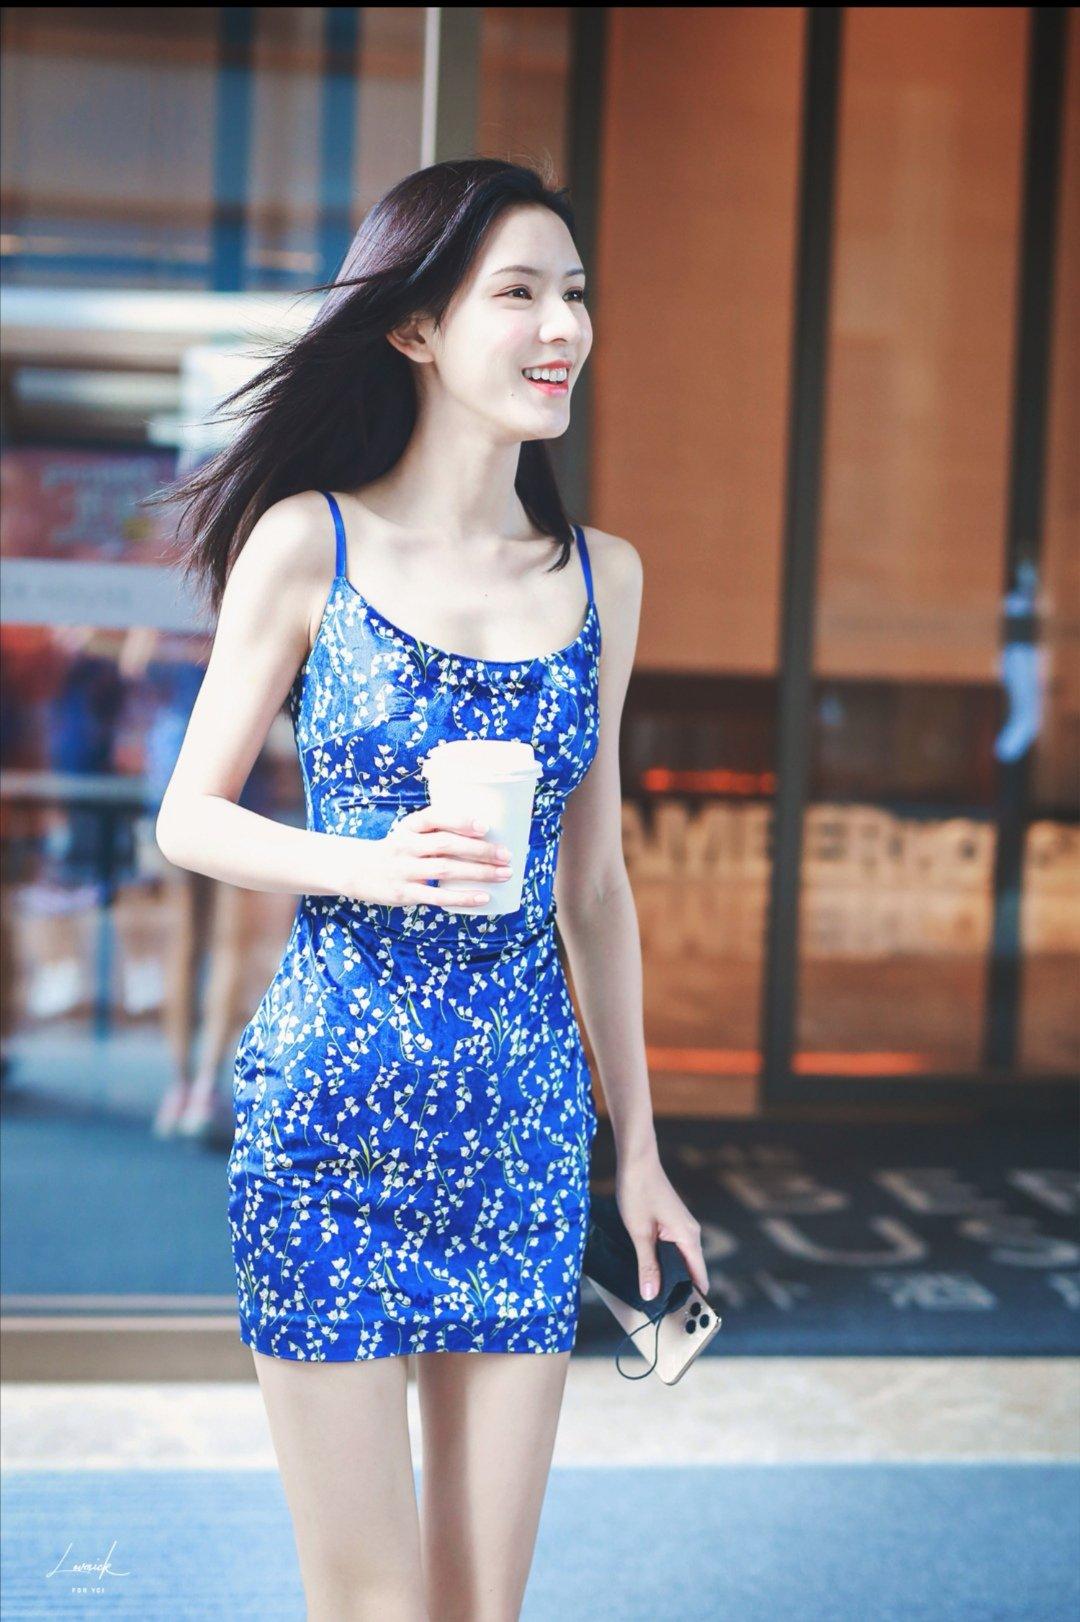 zhang yu xi pierdere în greutate